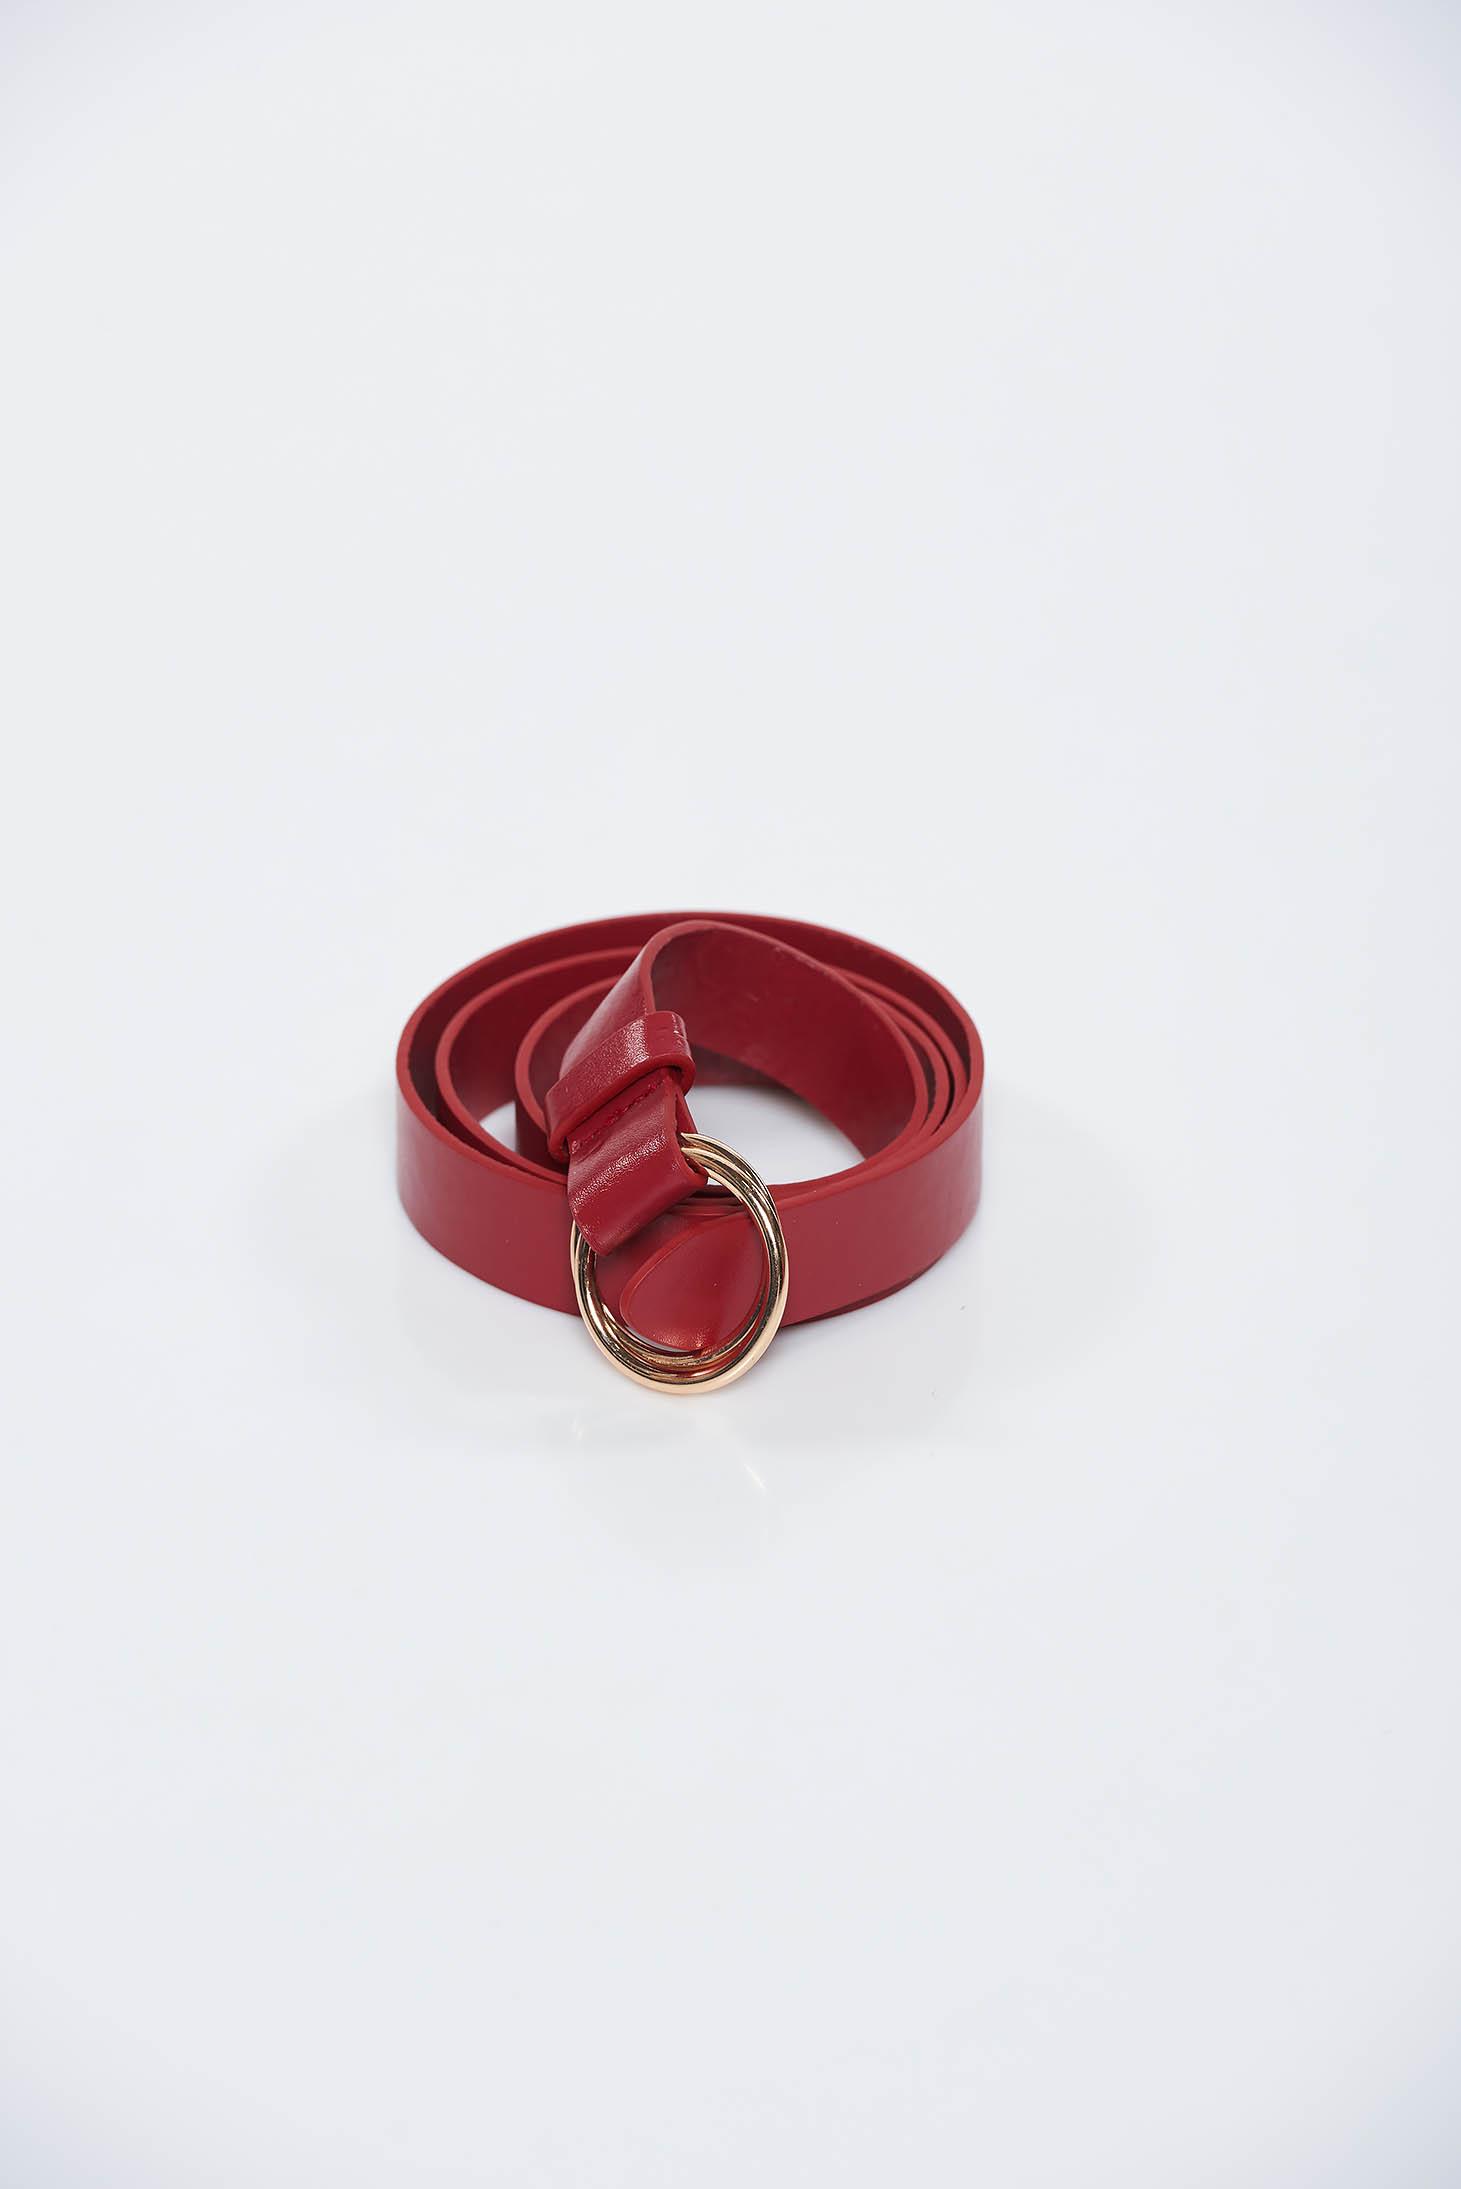 Curea StarShinerS rosie din piele ecologica accesorizata cu o catarama metalica